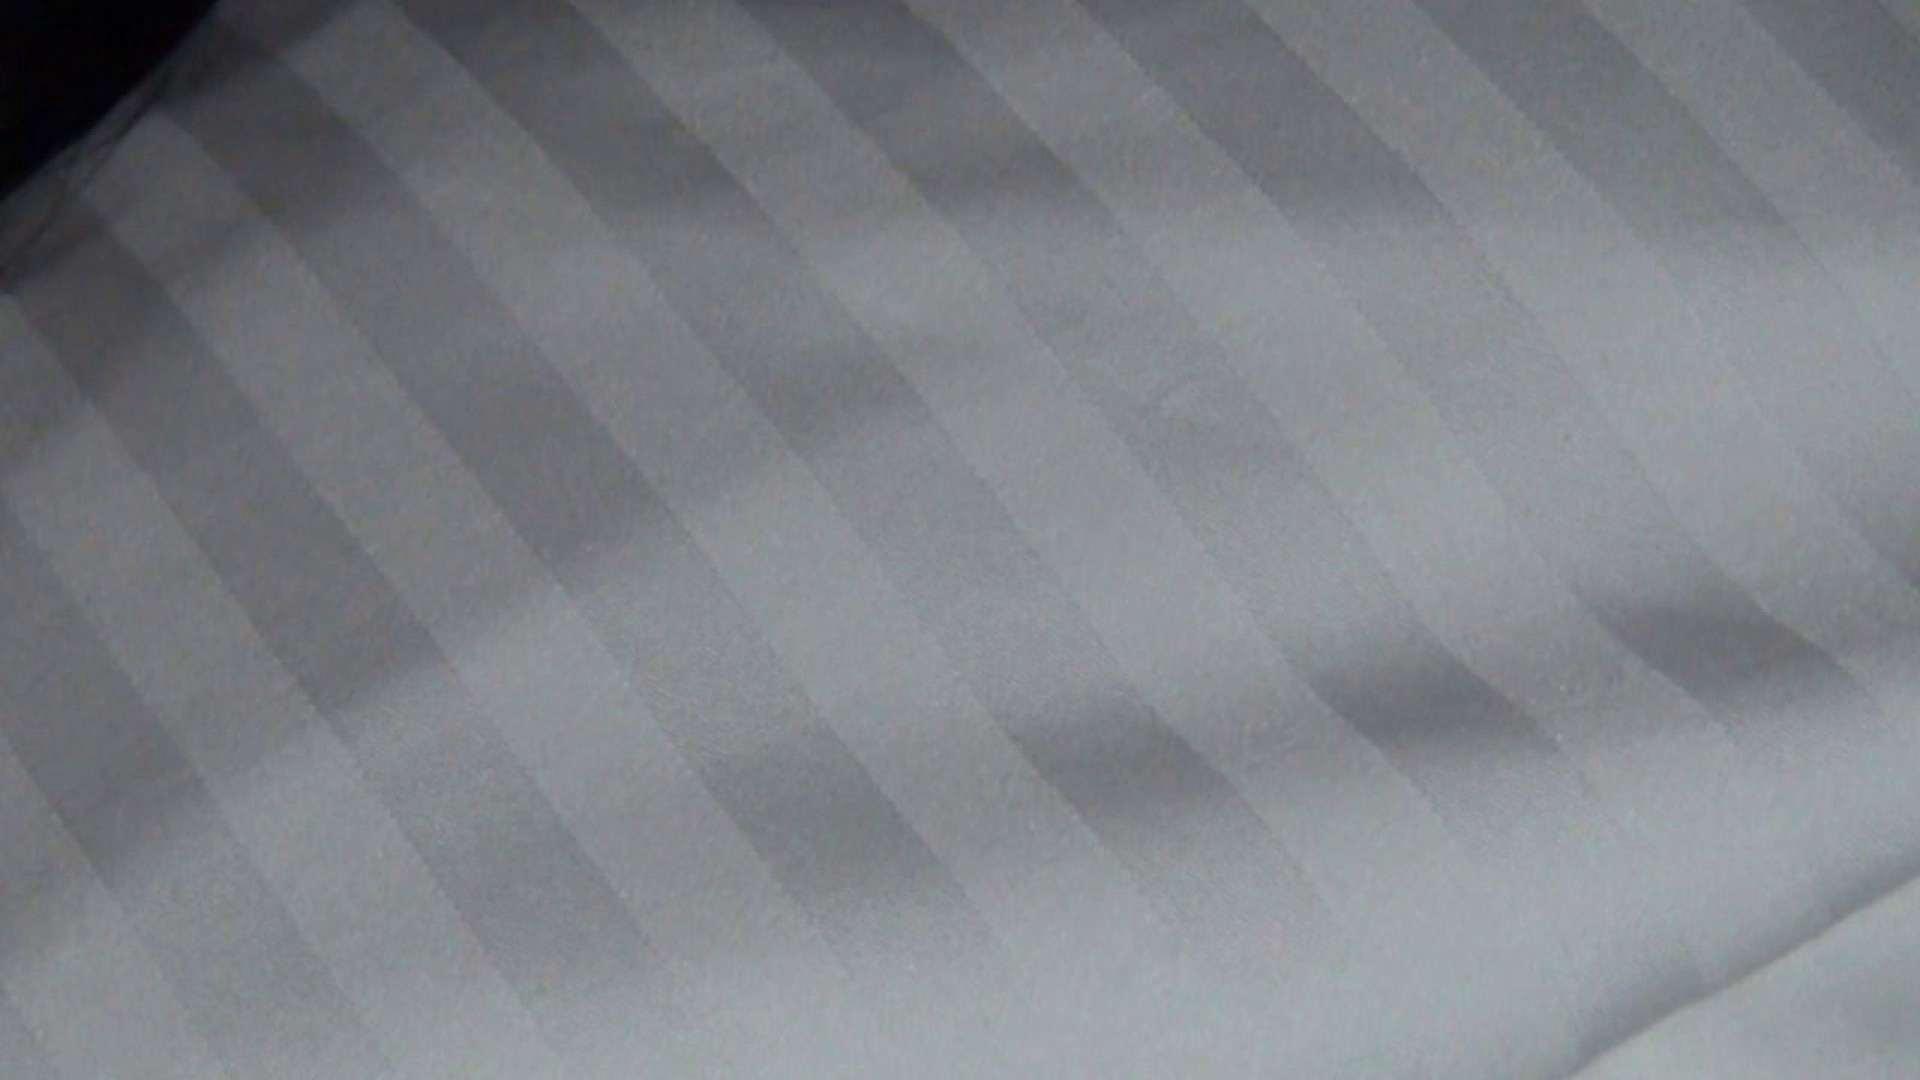 魔術師の お・も・て・な・し vol.28 18歳のケツ毛さん OLヌード天国  104PIX 2